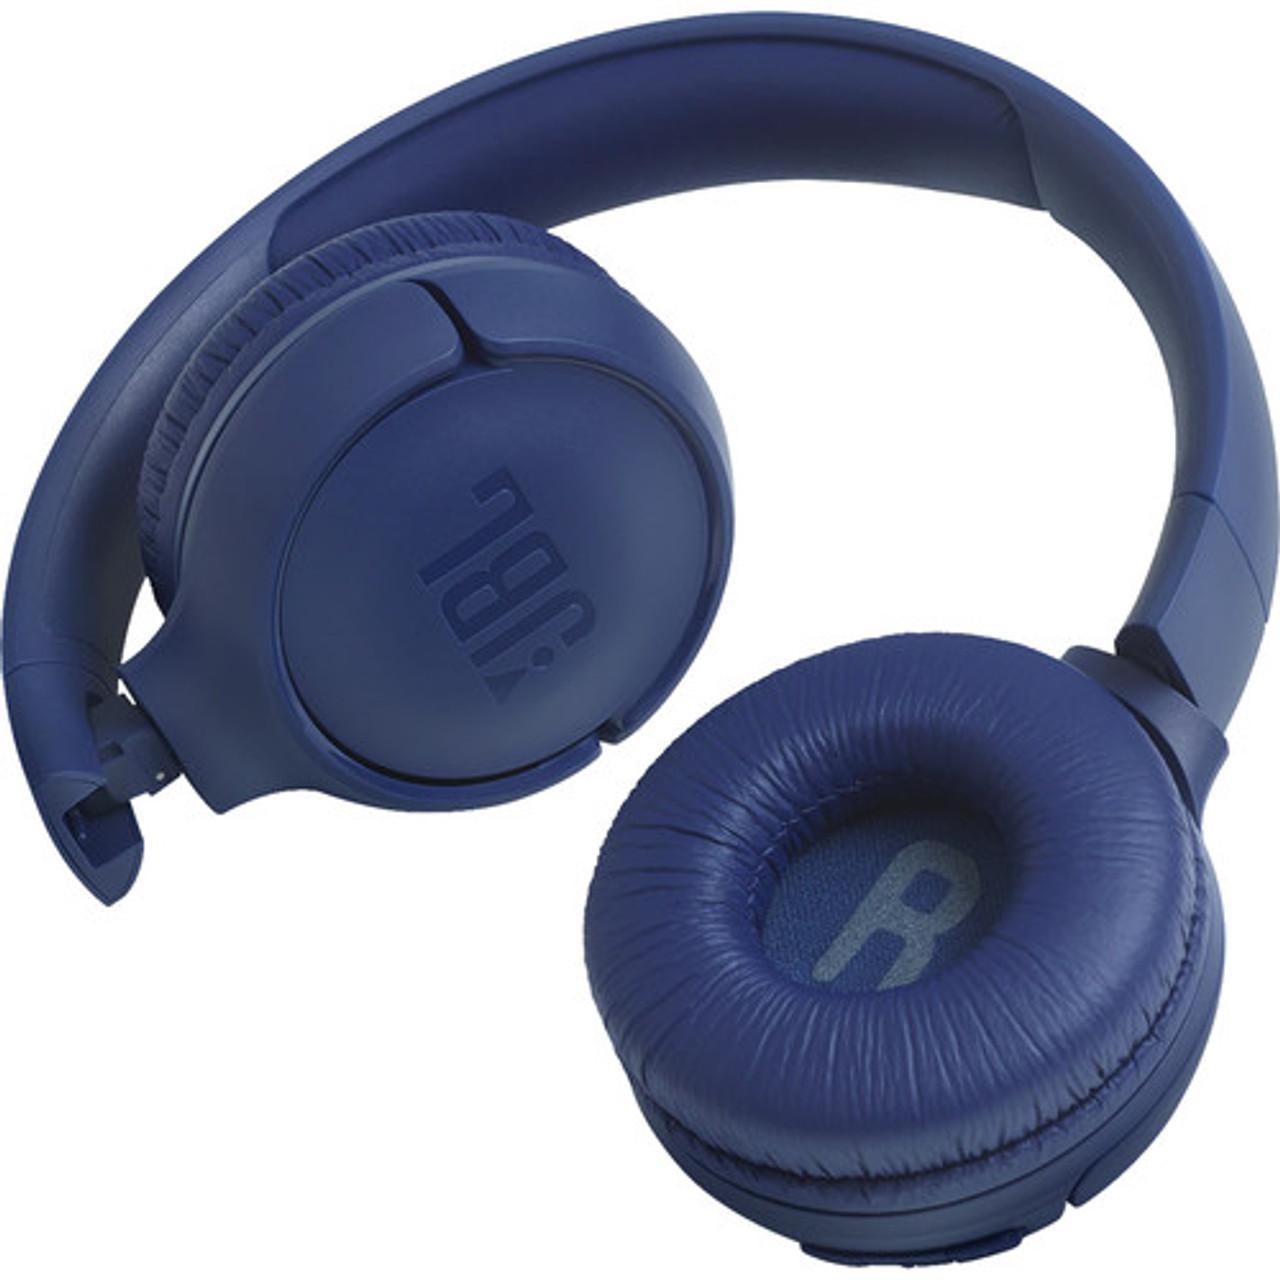 JBL JBLT500BTBLUAM-Z Tune 500BT Wireless On-Ear Headphones, Blue – Certified Refurbished